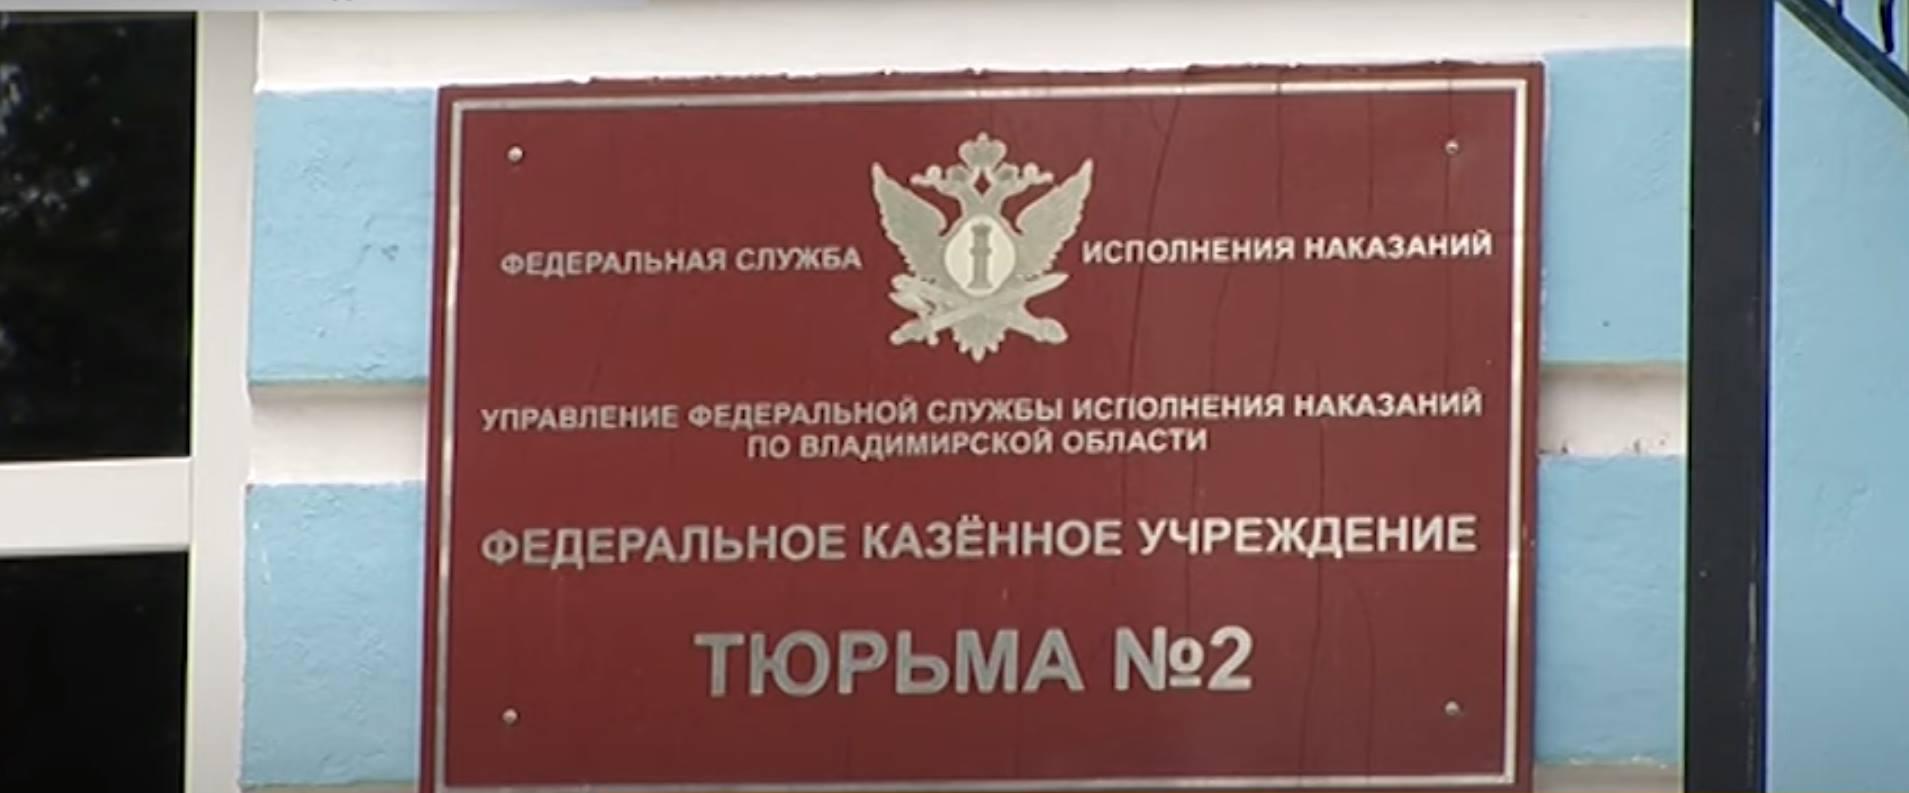 Руководству Владимирского централа предложили 200 тысяч за создание комфортных условий для заключённого